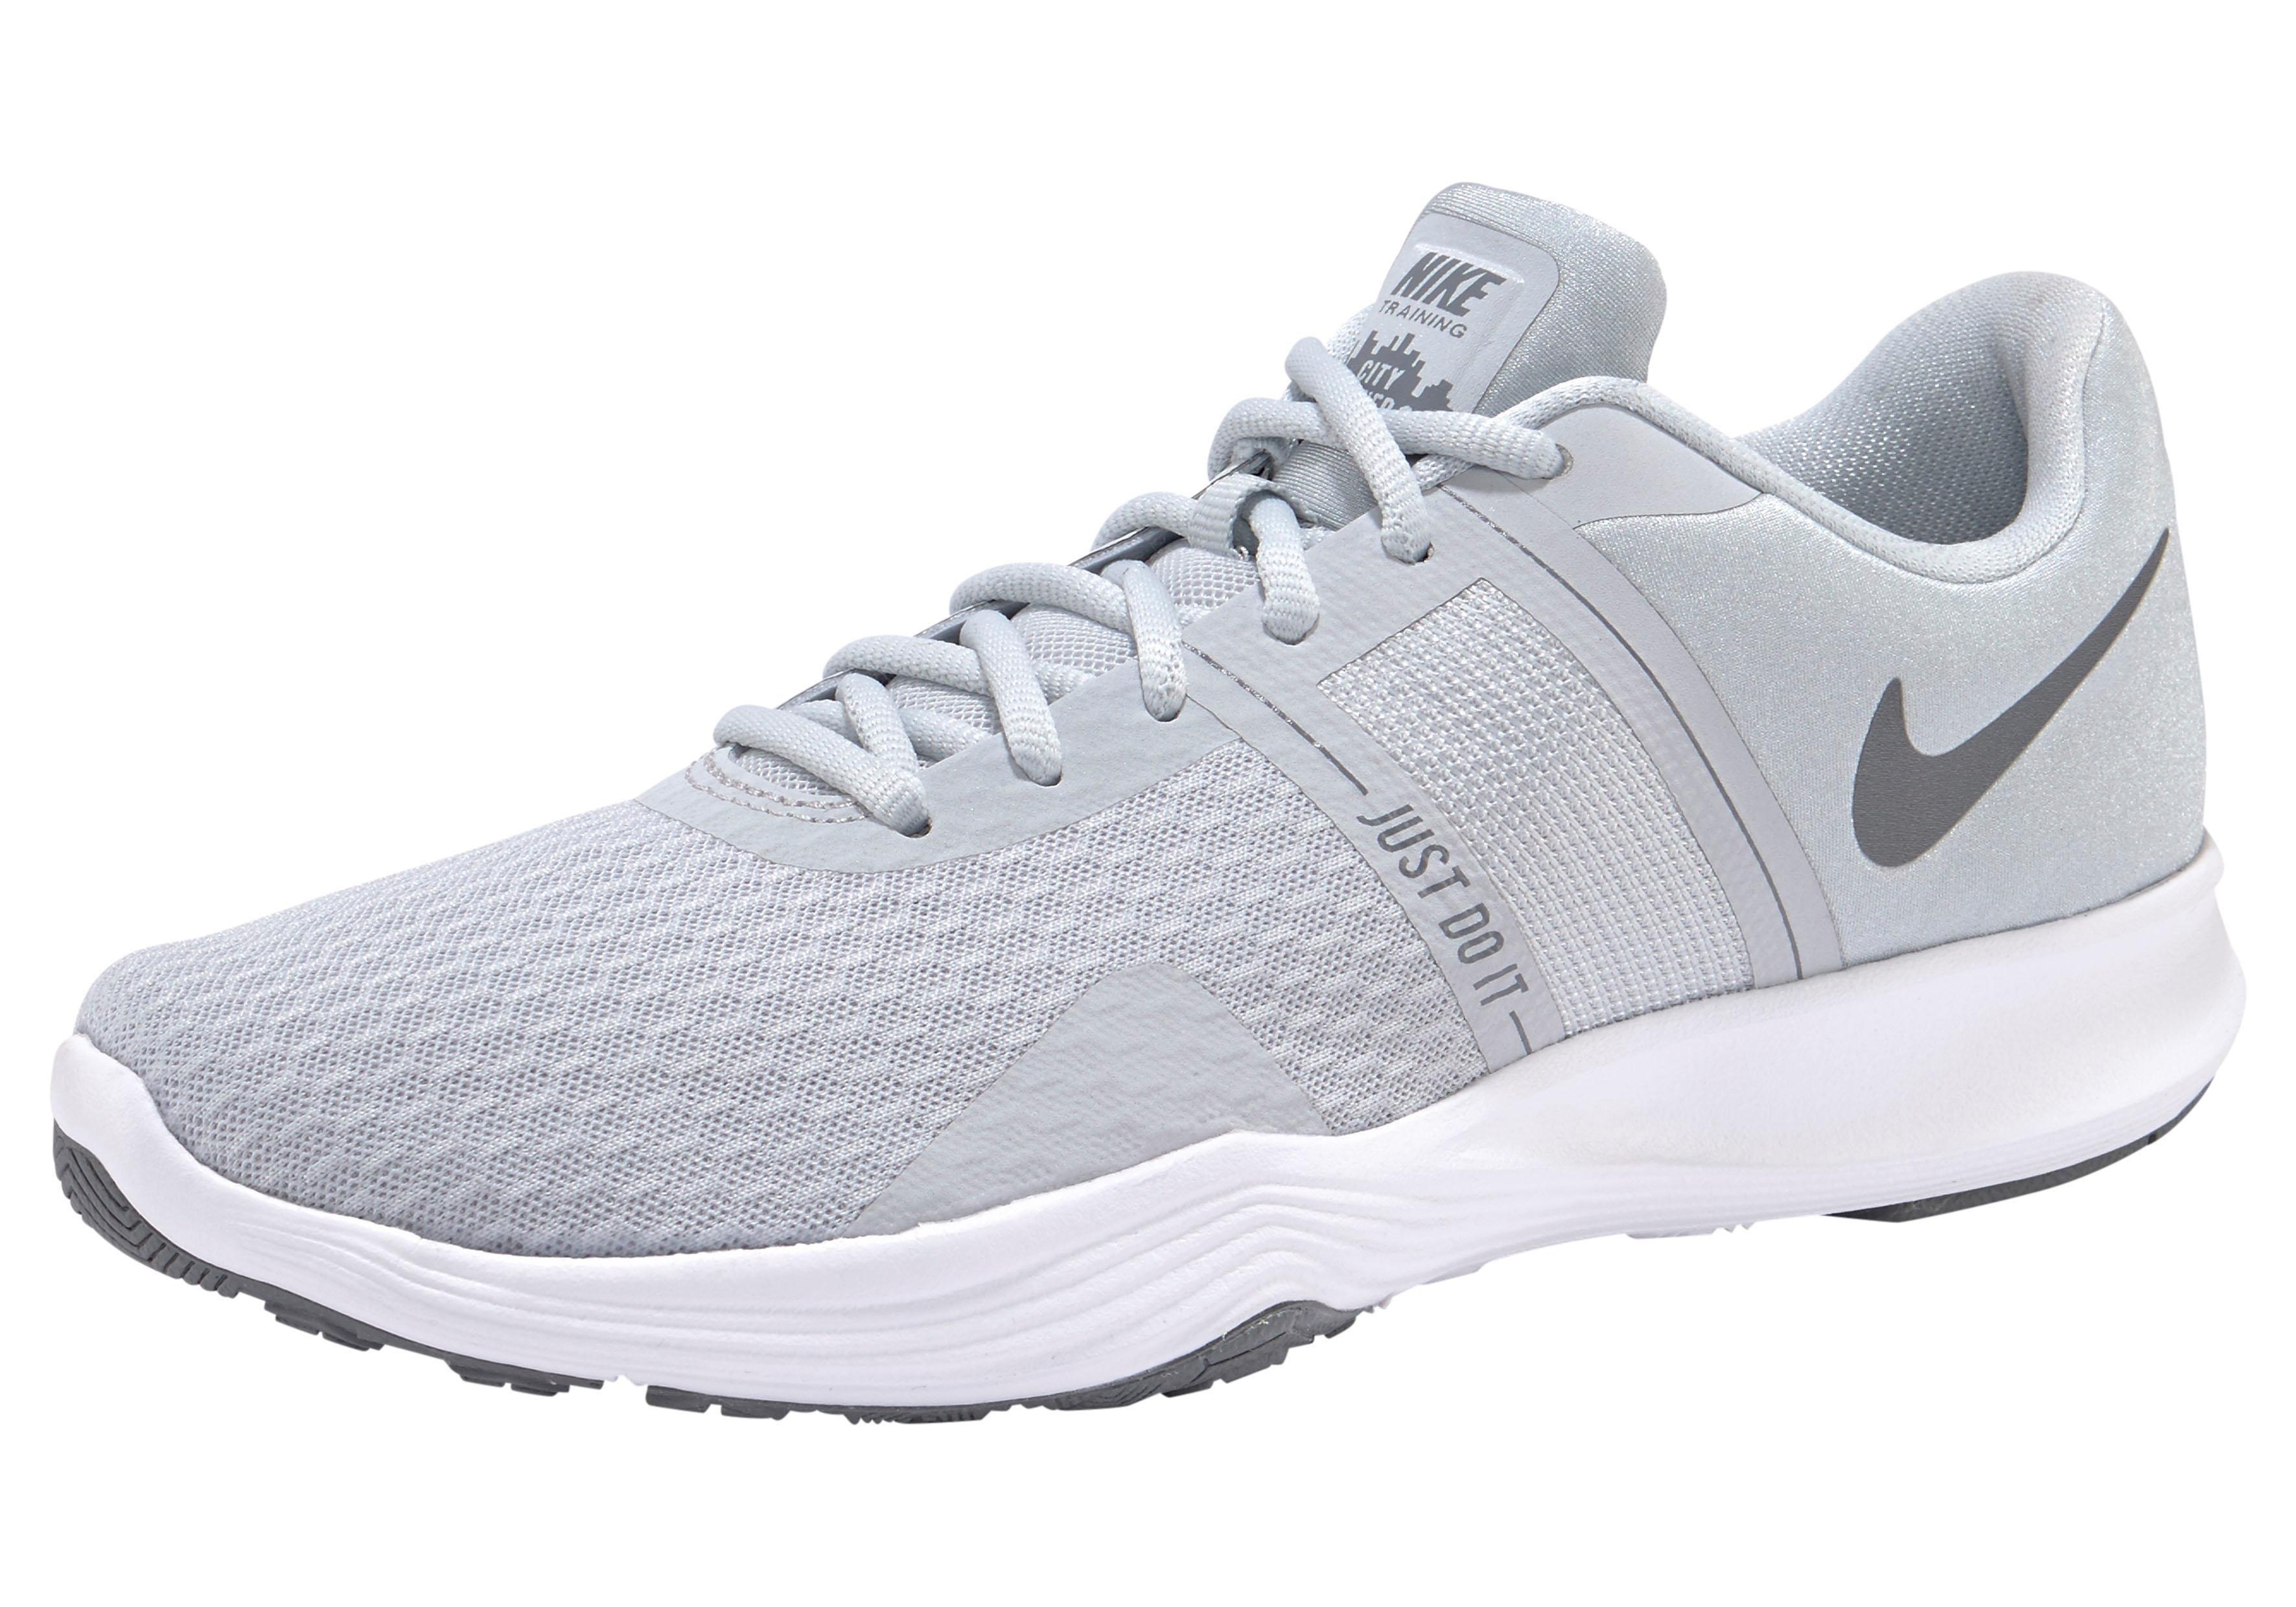 f0580285404 ... Nike fitnessschoenen »Wmns In-season Tr 8«, Reebok fitnessschoenen  »Guresu 2.0«, Nike fitnessschoenen »Wmns Air Bella TR«, ...